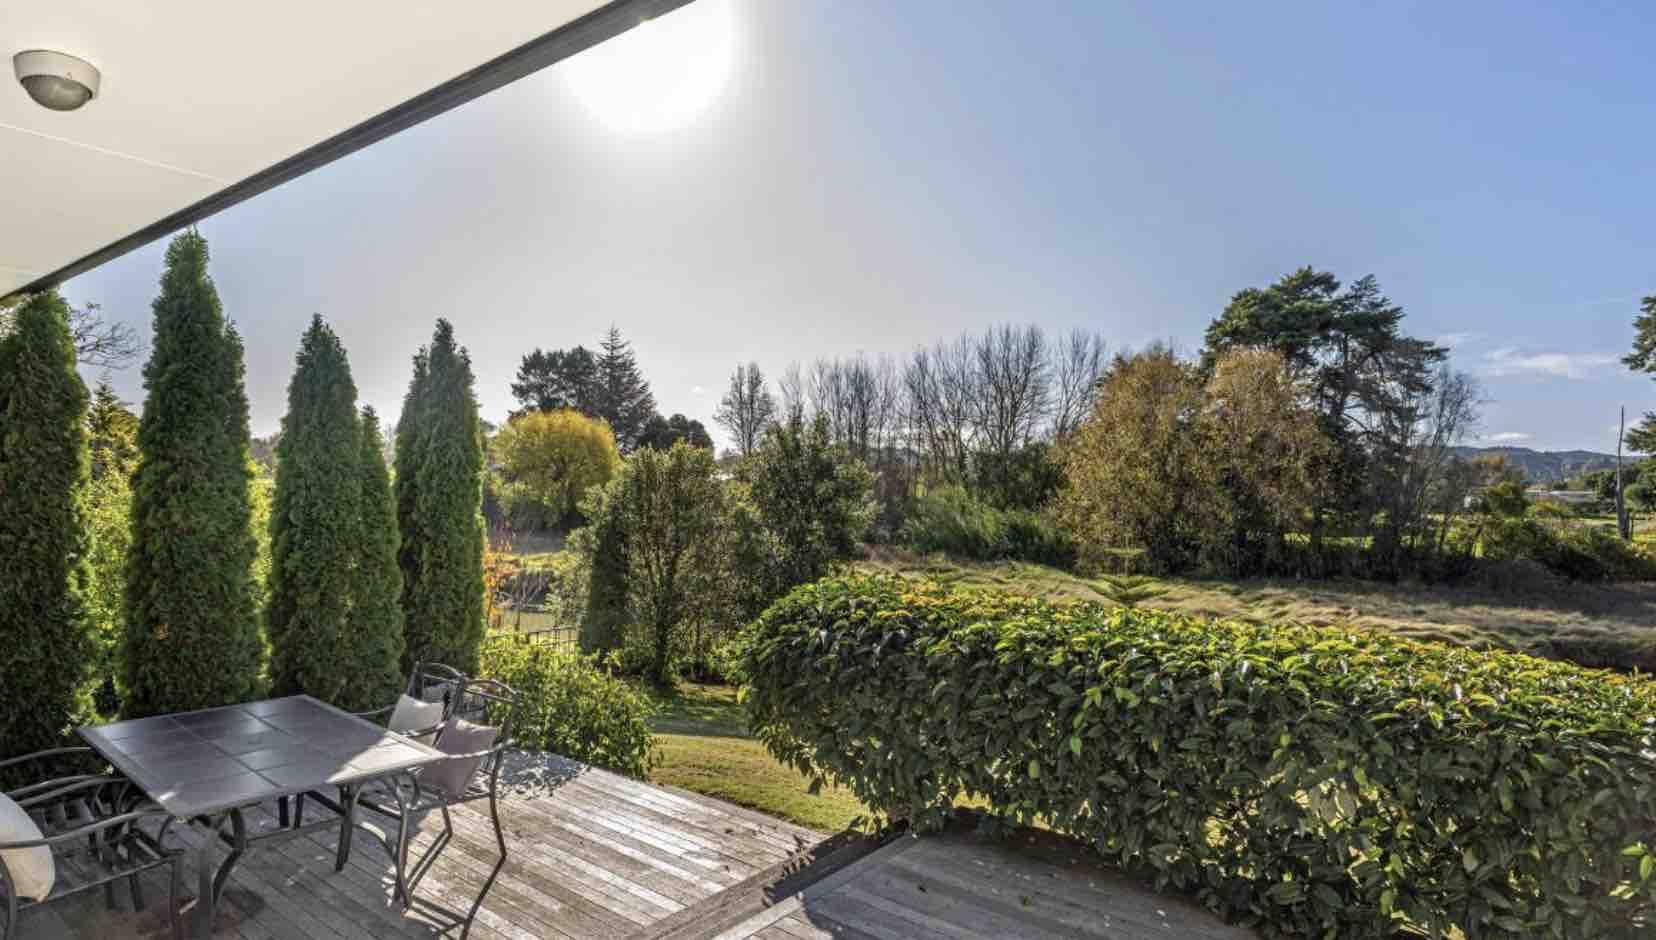 Te Hapara Riverside Home patio view